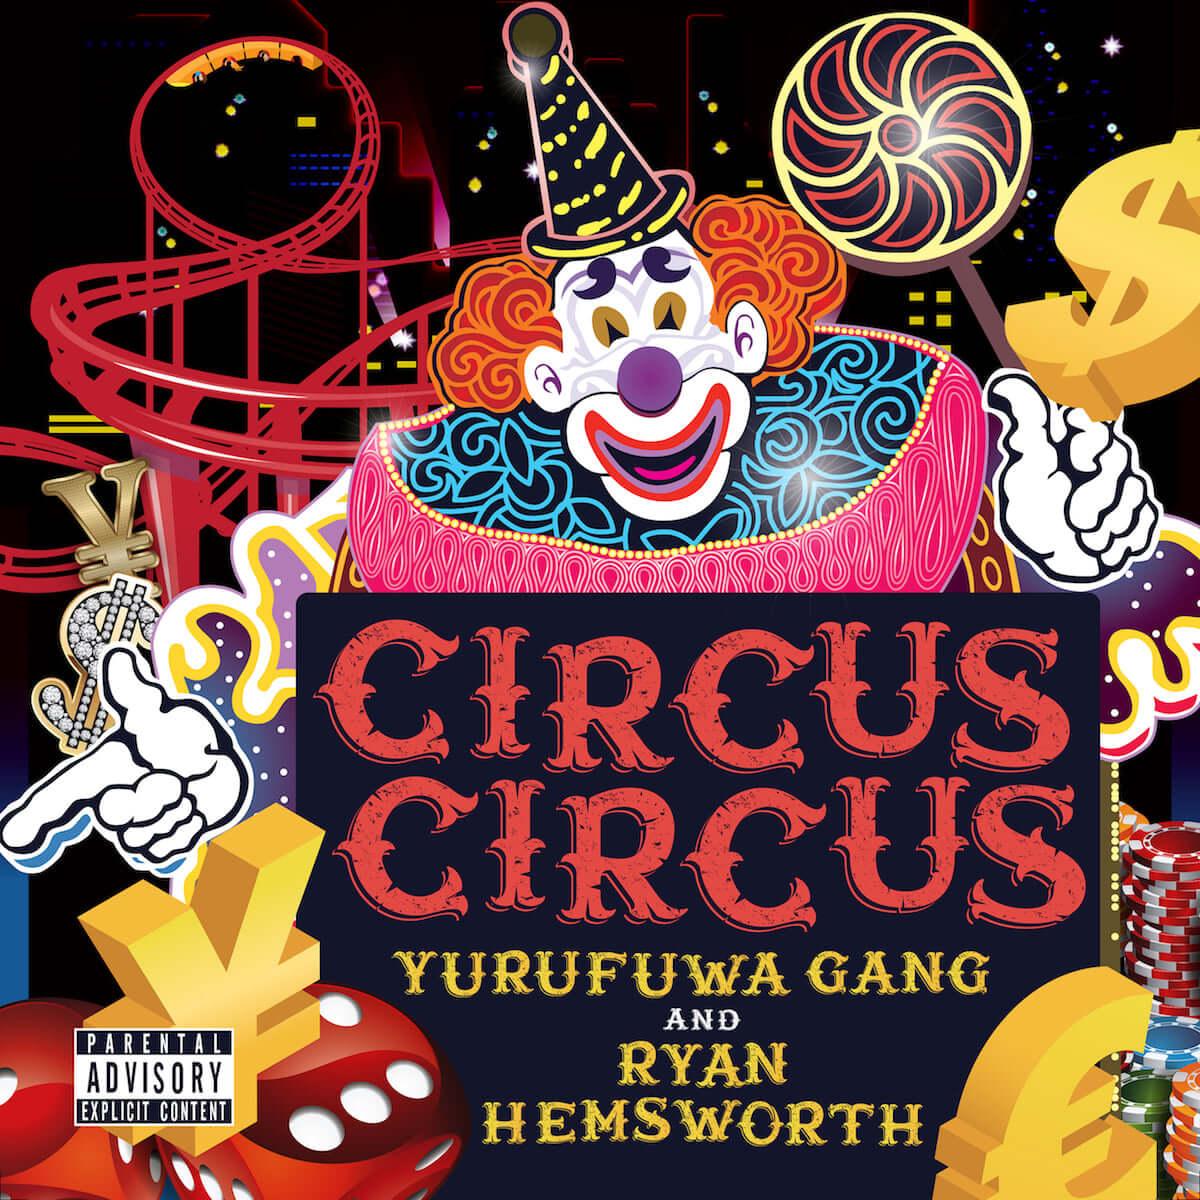 ゆるふわギャング、ライアン・ヘムズワースとのジョイント・アルバム『CIRCUS CIRCUS』を29日にリリース!先行曲「Shining」を配信 music190327_yurufuwagang_3-1200x1200